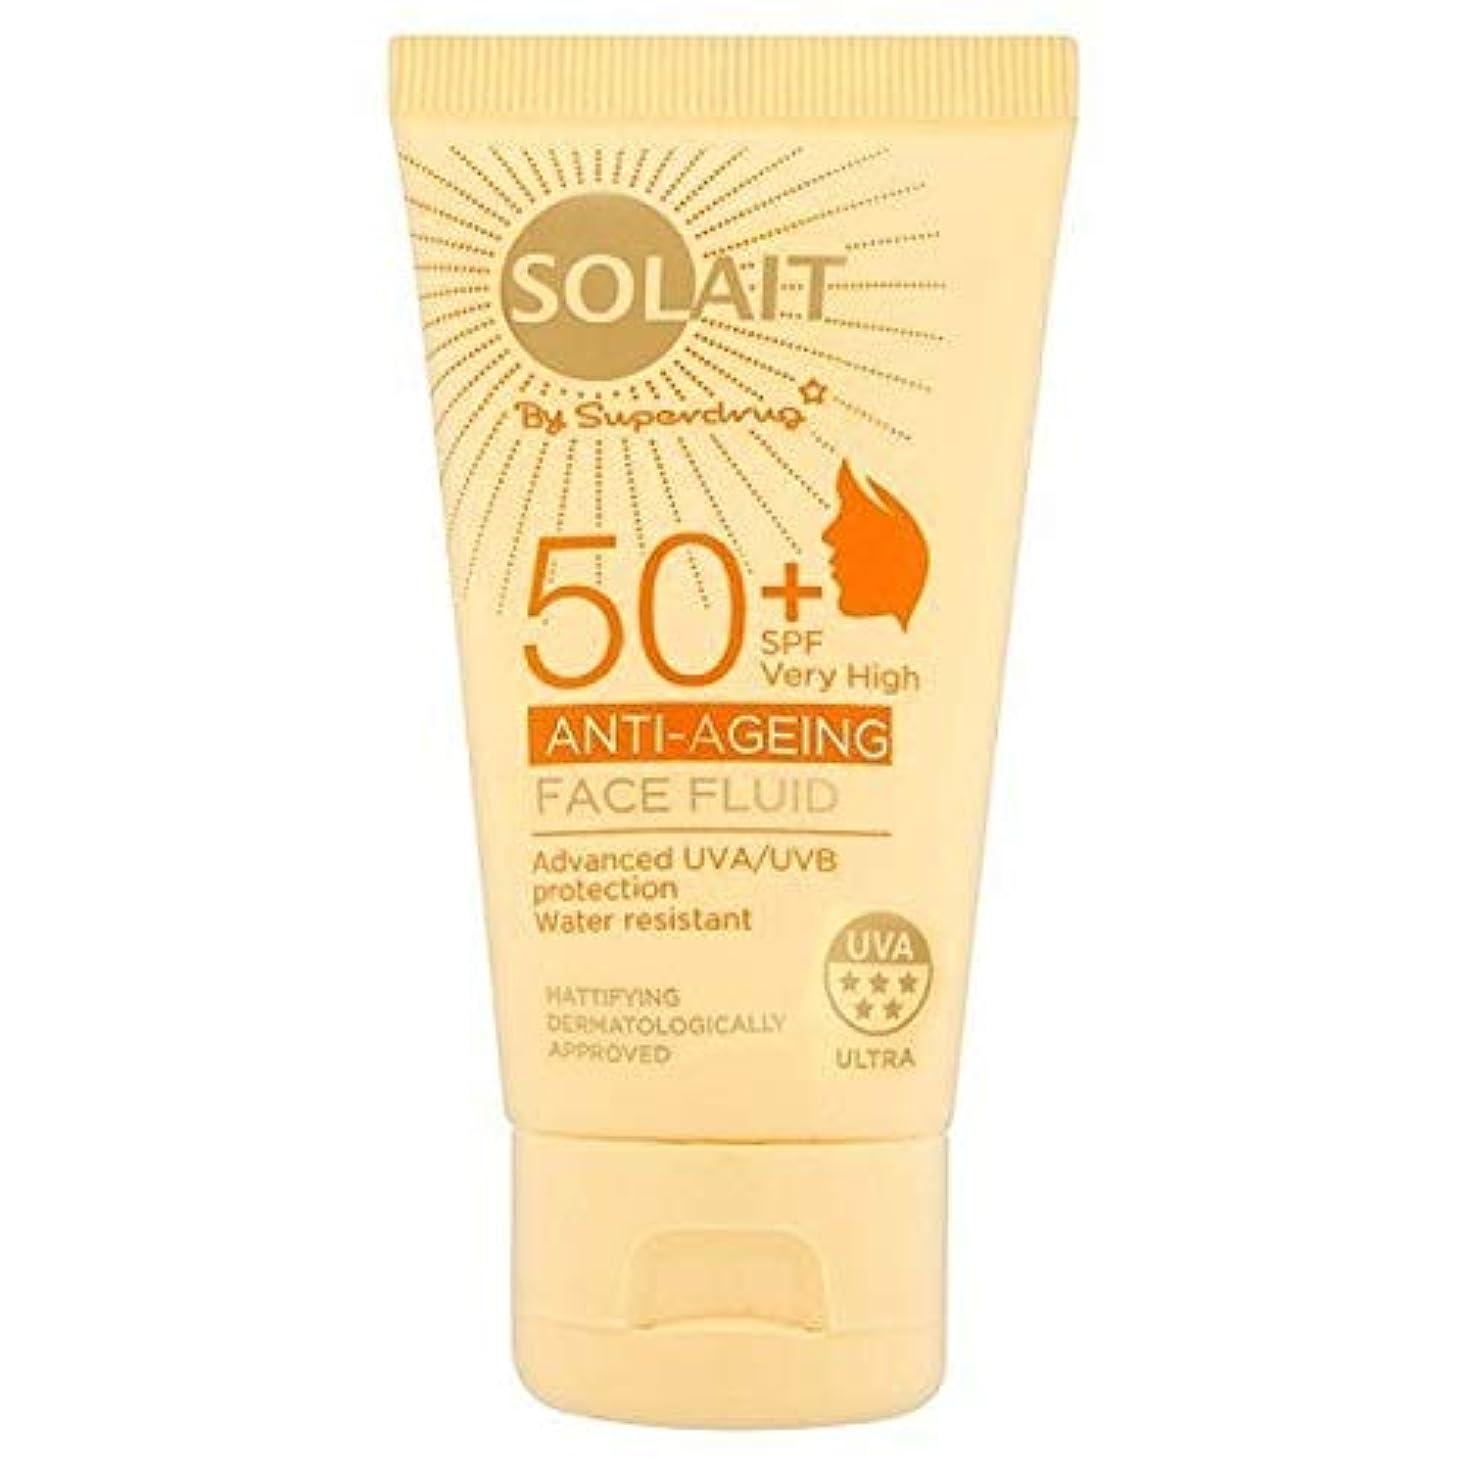 逆タイマーレザー[Solait] Solait顔日クリームSpf50液の50ミリリットル - Solait Face Sun Cream Fluid SPF50 50ml [並行輸入品]